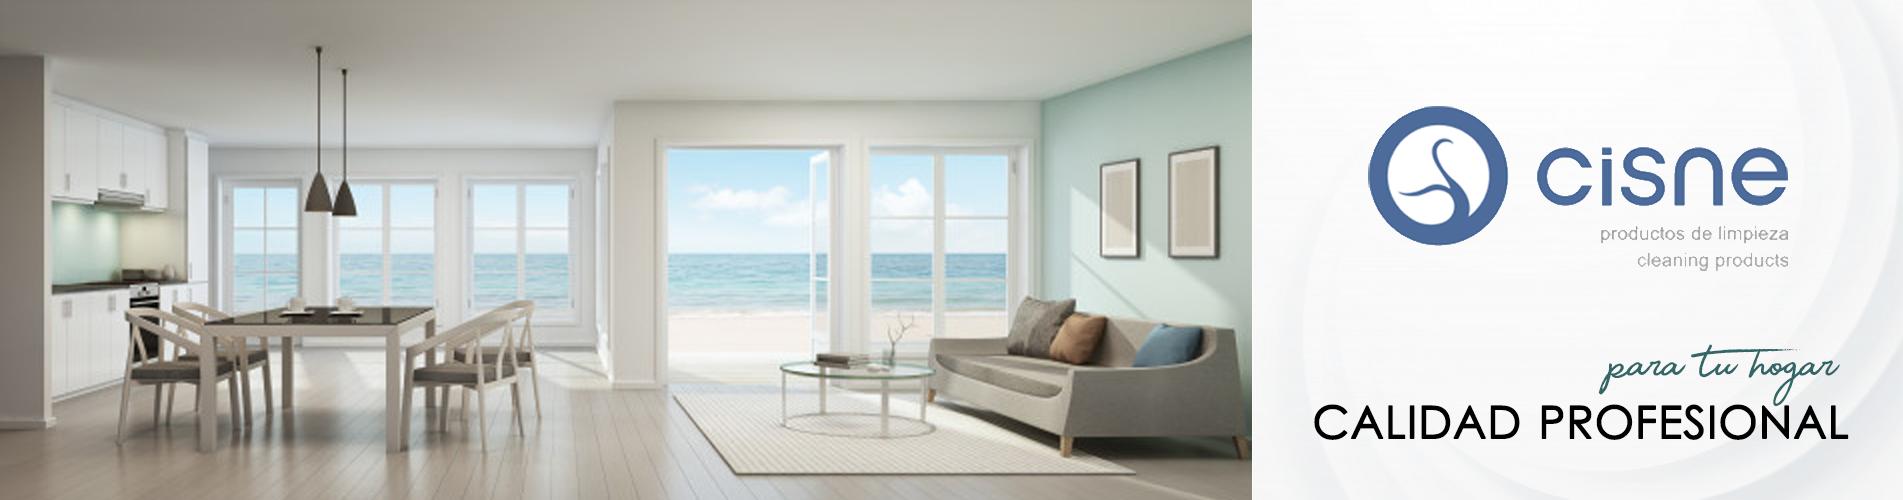 Mopatex, calidad profesional para tu hogar